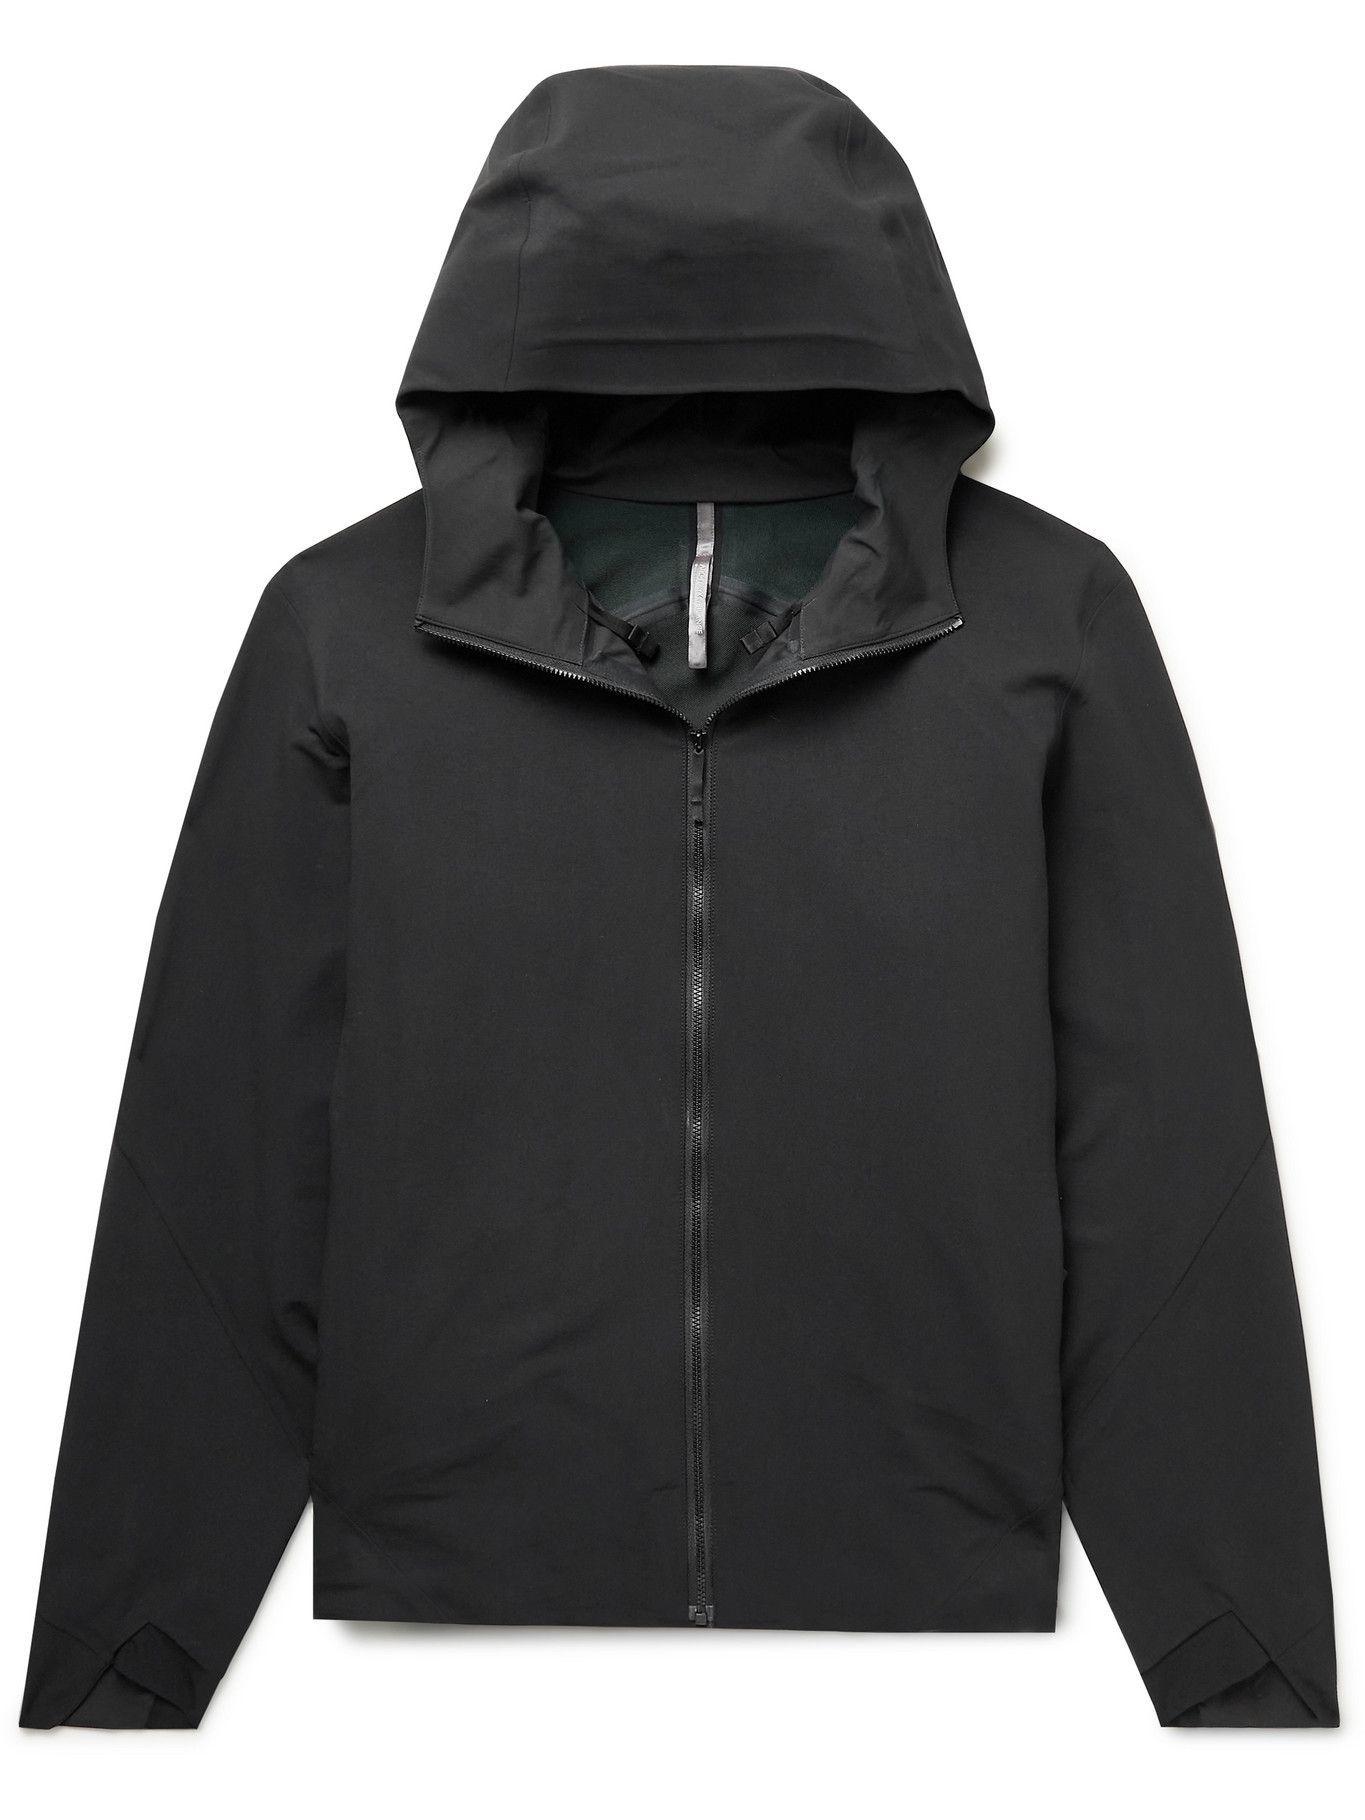 Veilance - Isogon MX Burly Hooded Jacket - Black